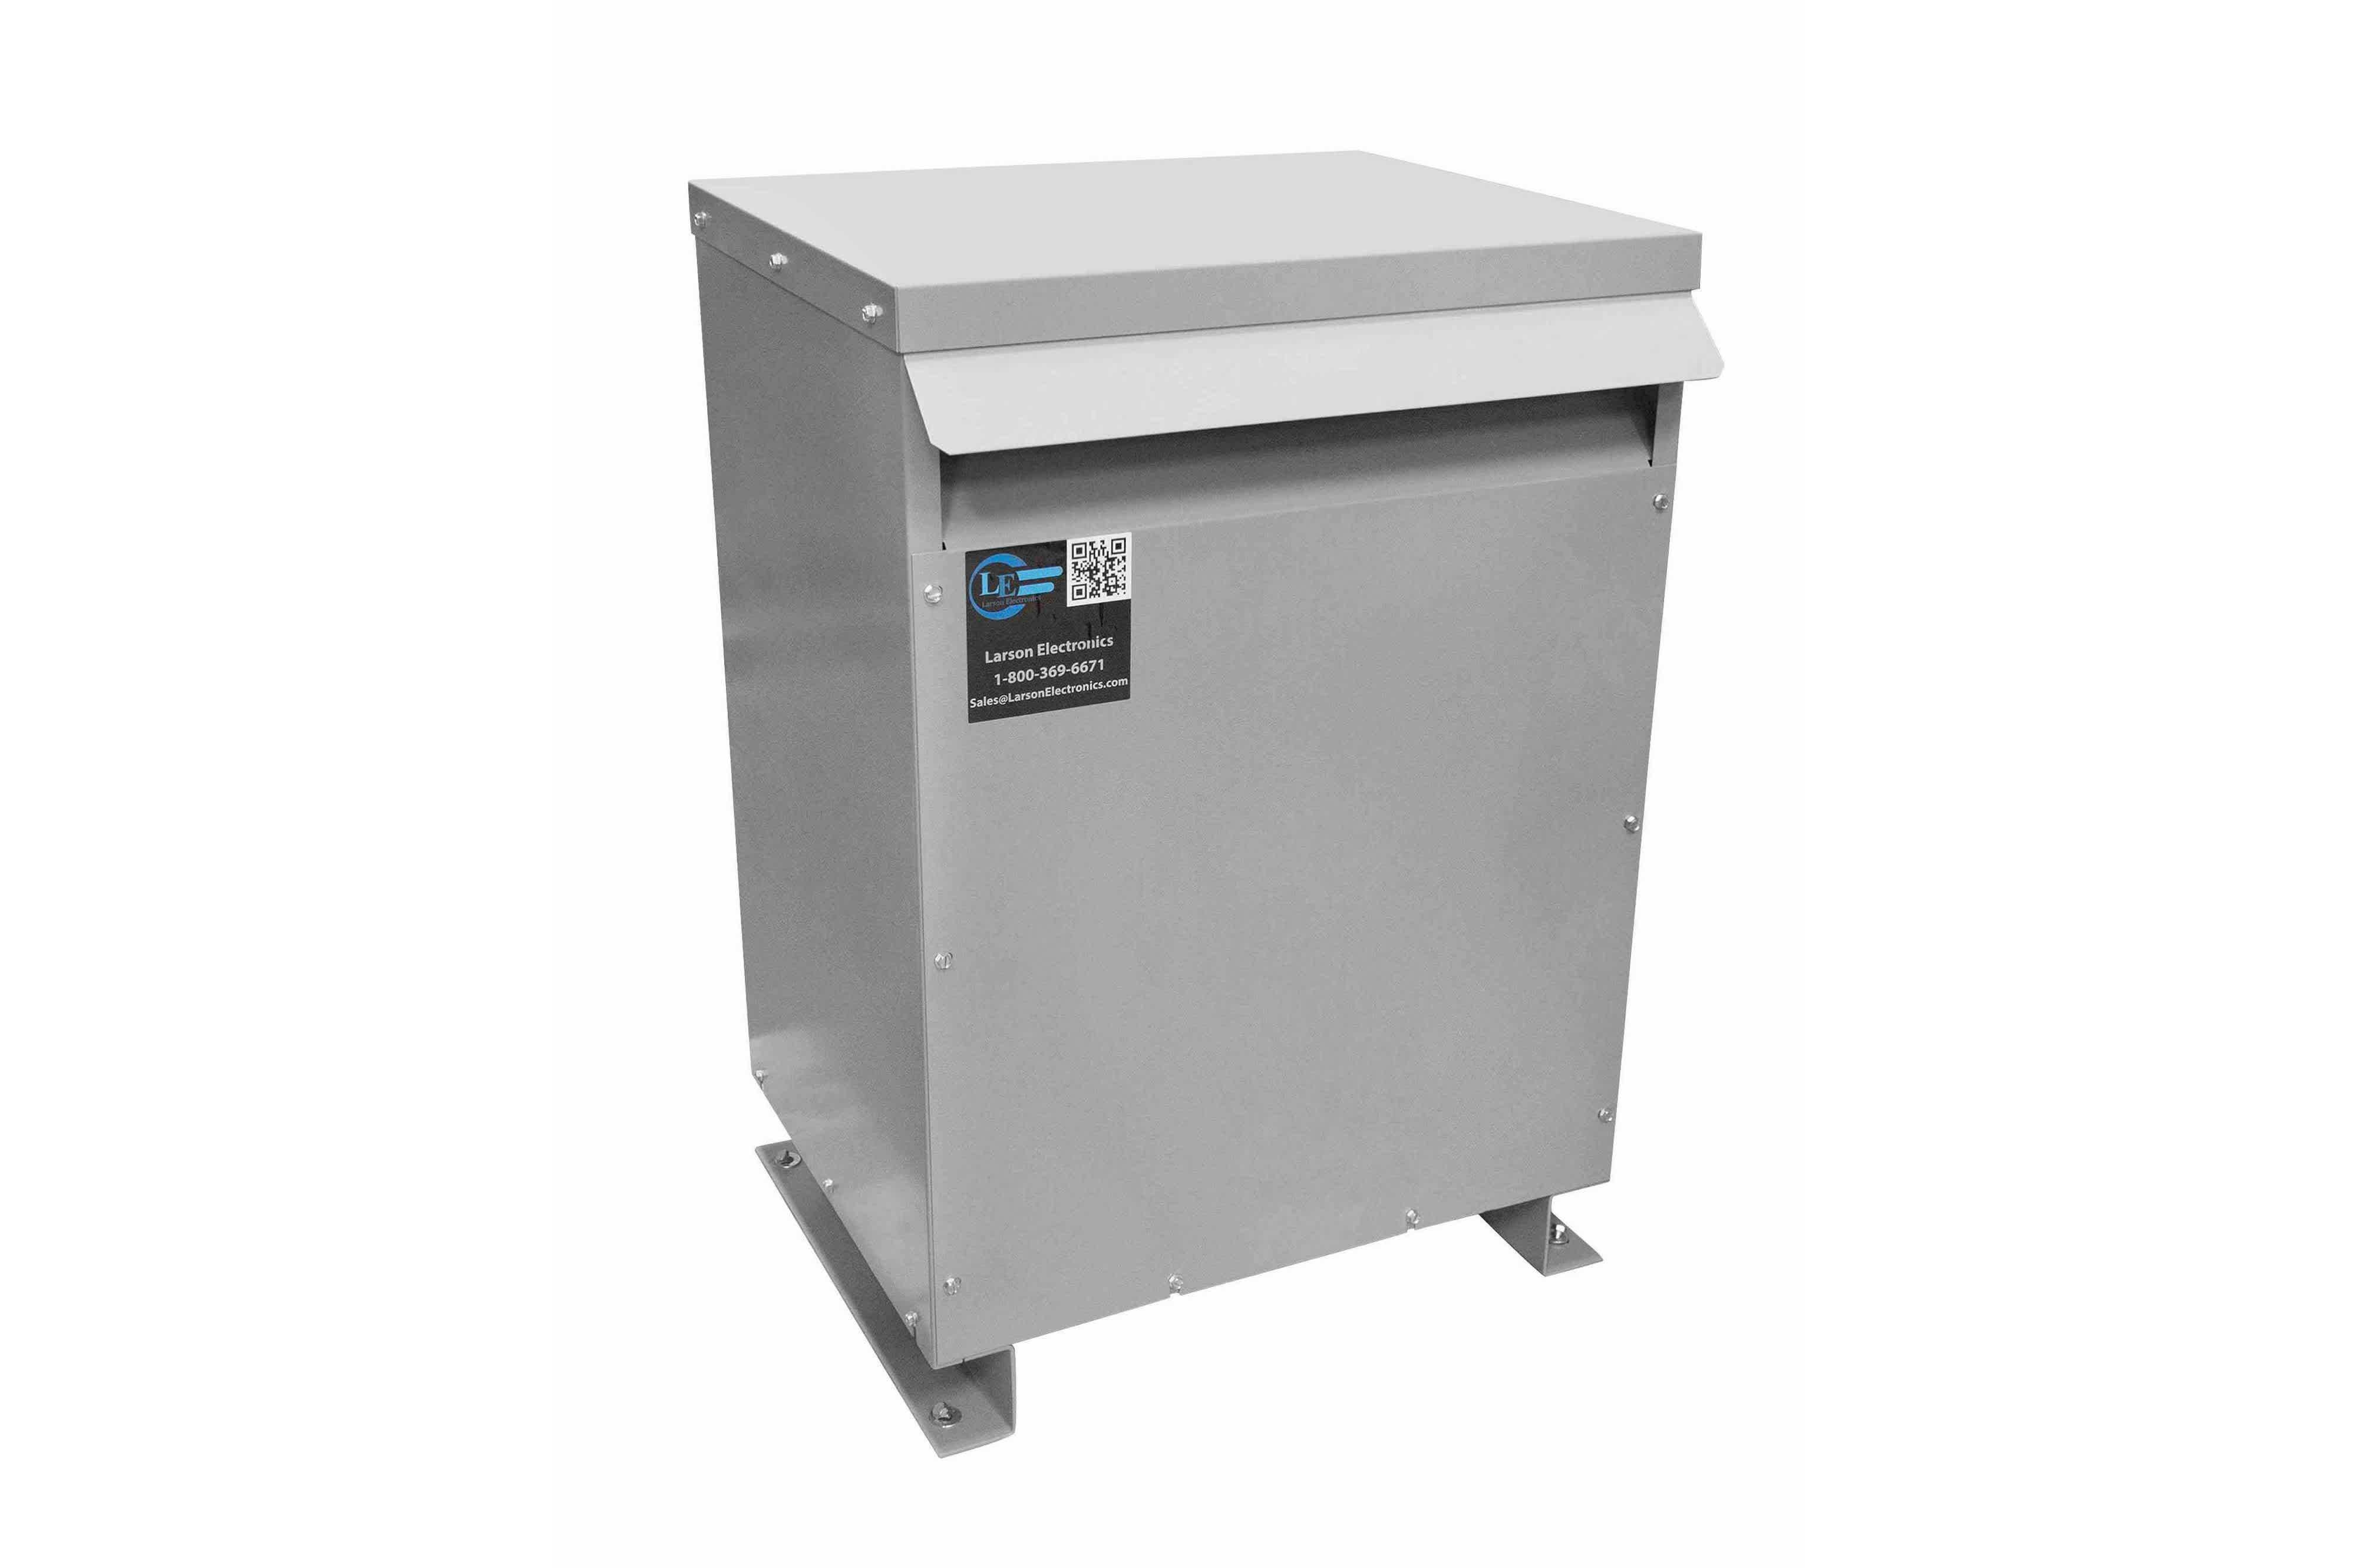 50 kVA 3PH Isolation Transformer, 415V Delta Primary, 208V Delta Secondary, N3R, Ventilated, 60 Hz